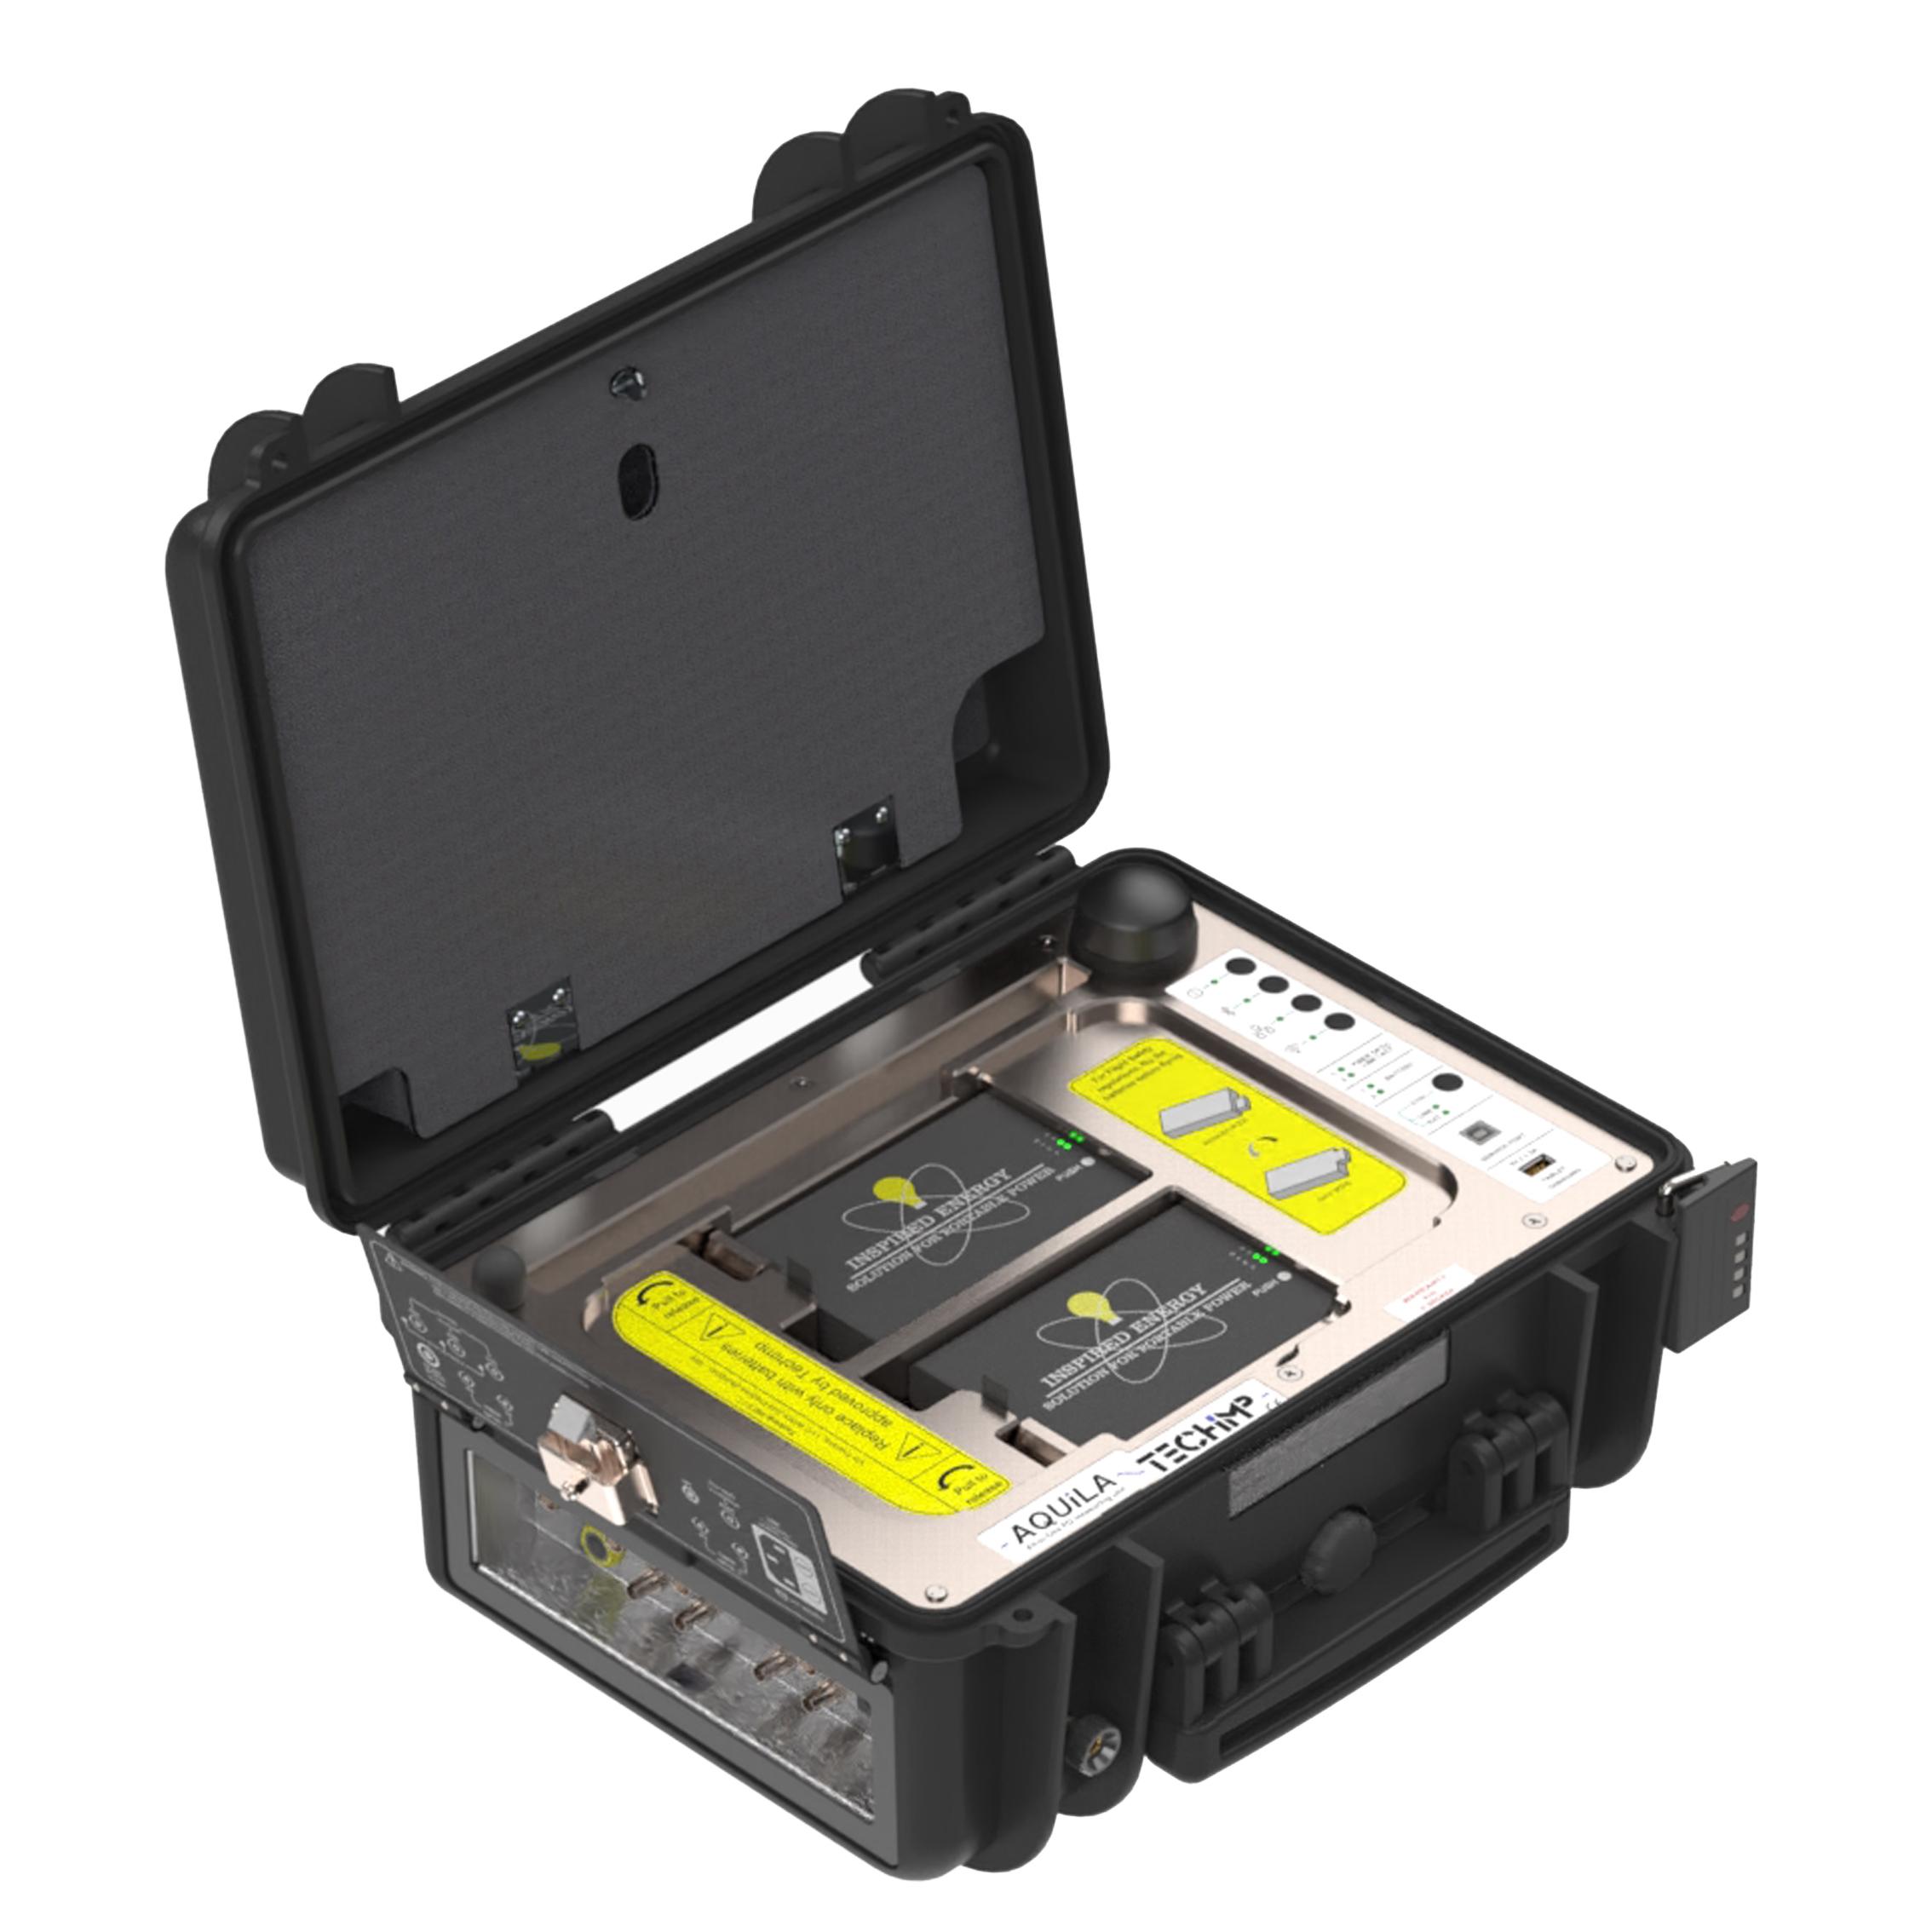 AQUILA|Portable PD analyzer